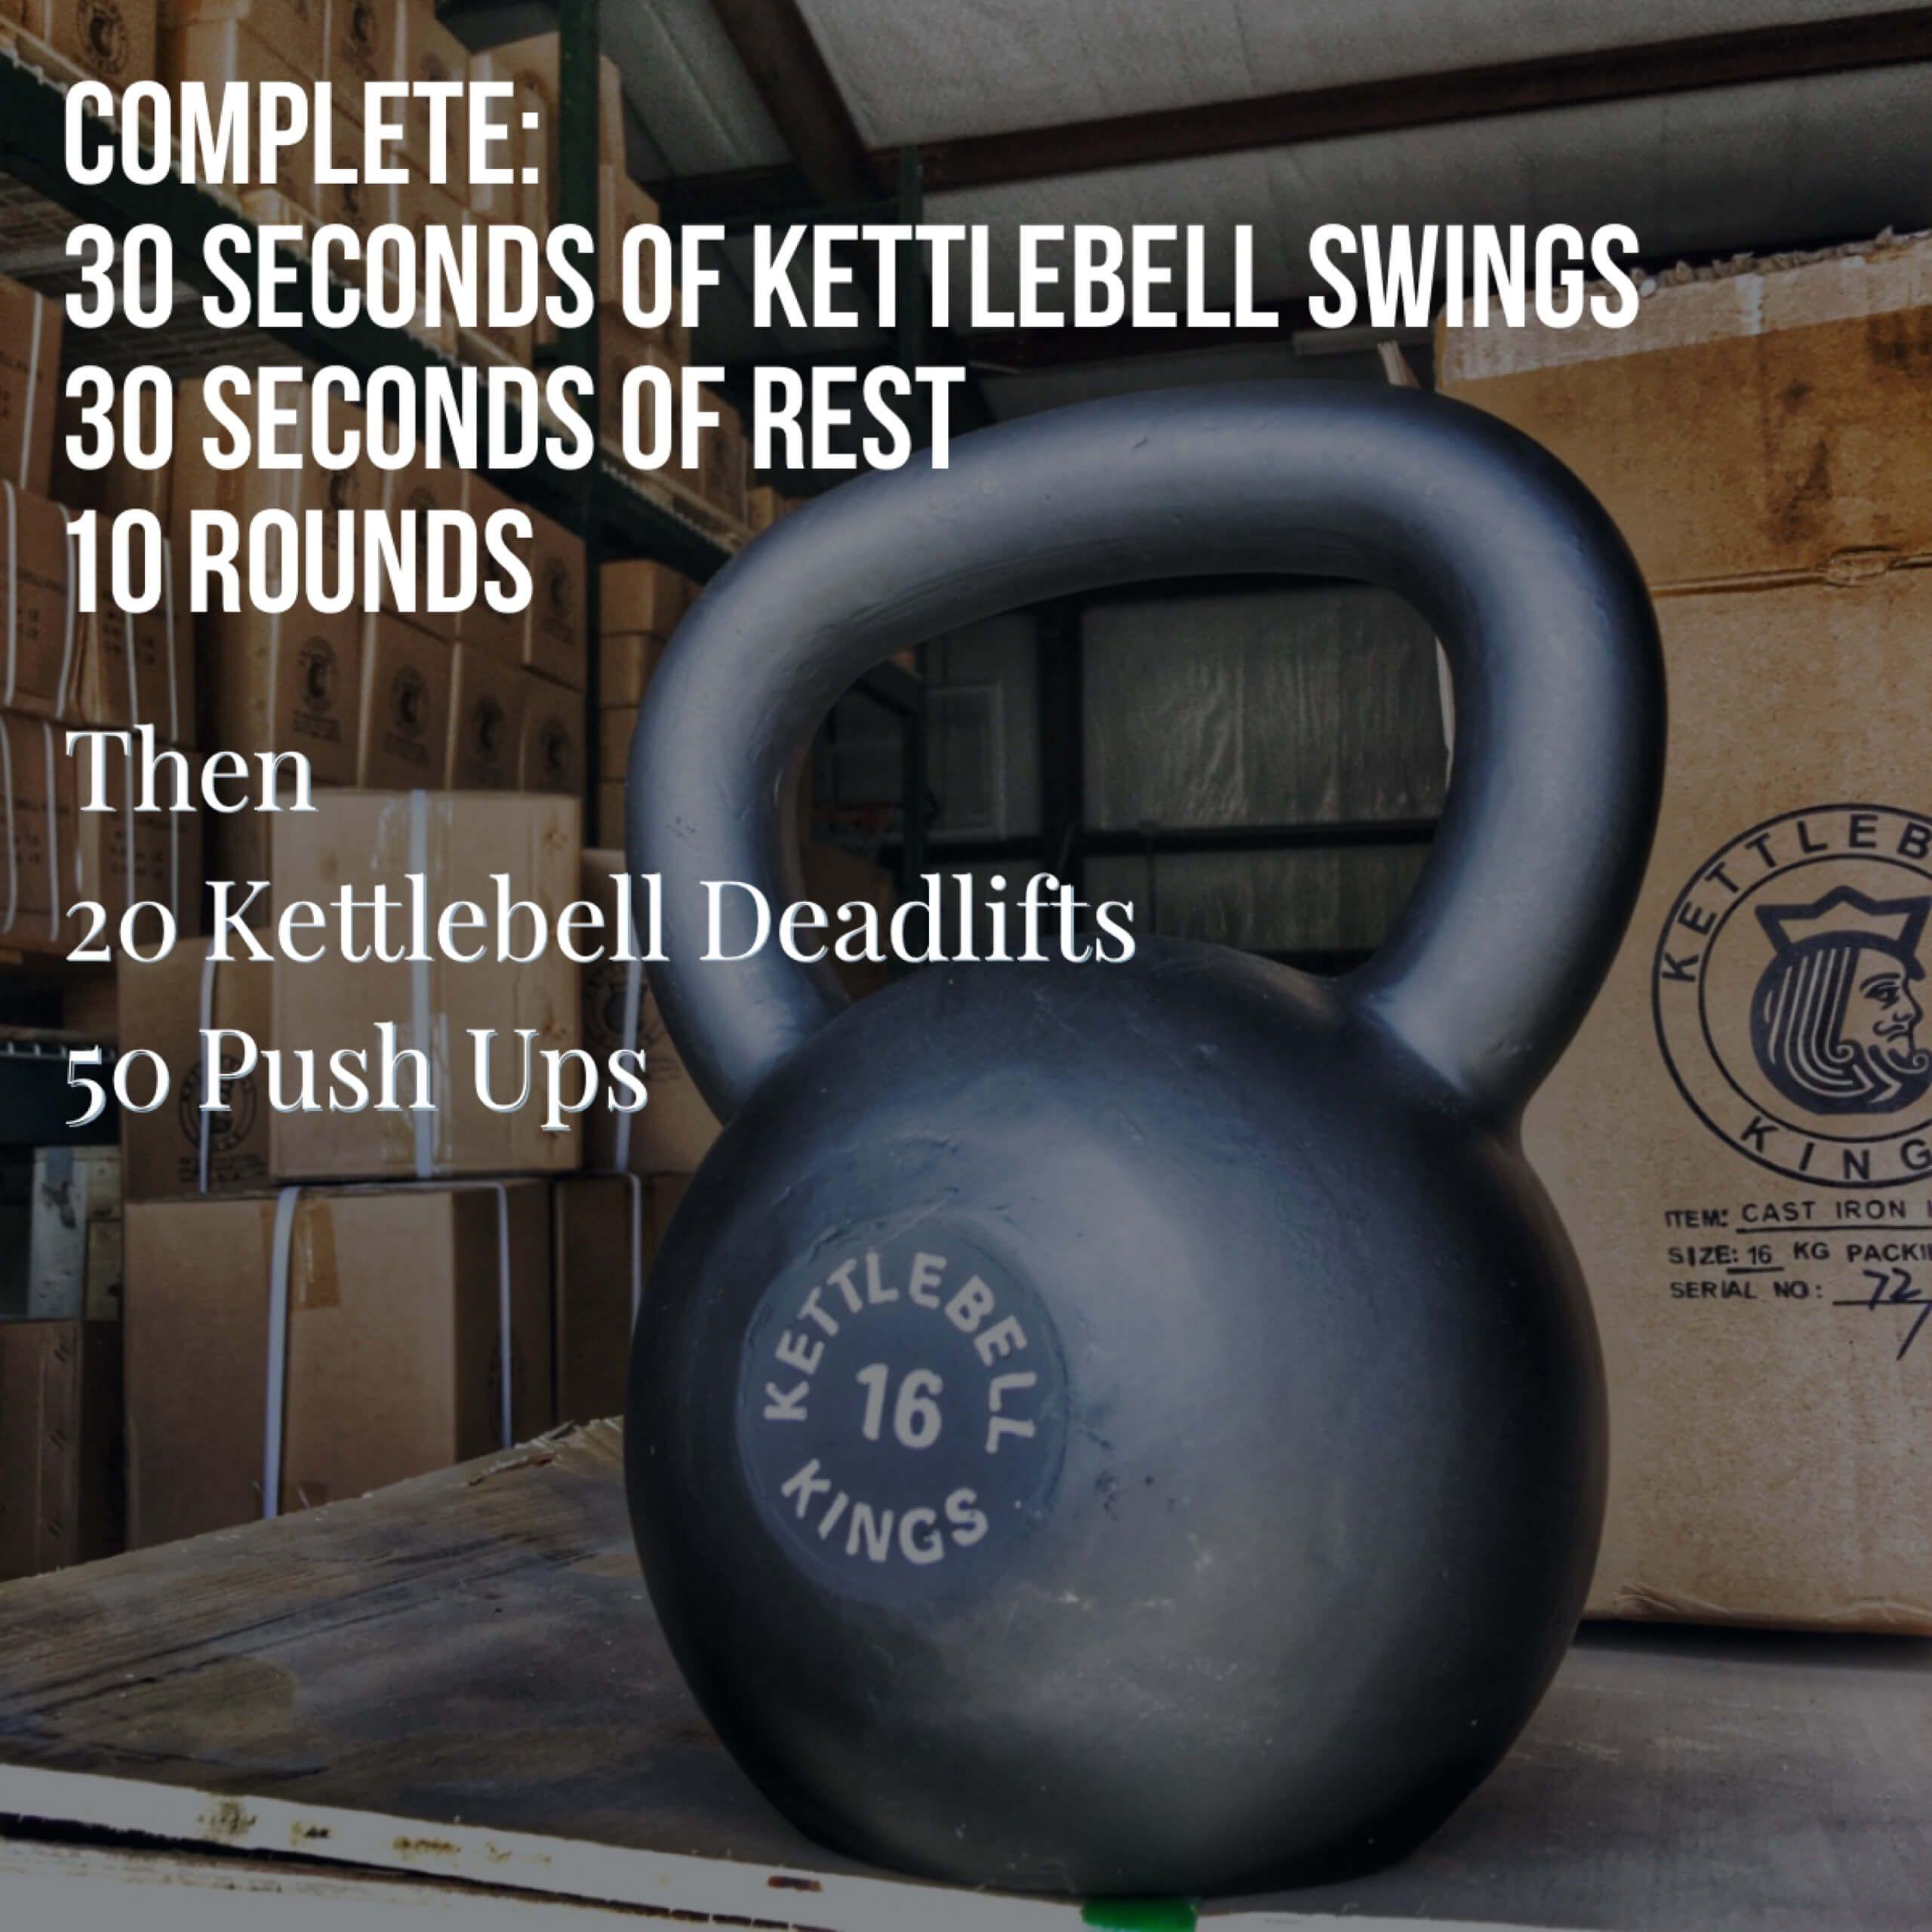 Kettlebell Workout For Men: Kettlebell Exercises, Kettlebell